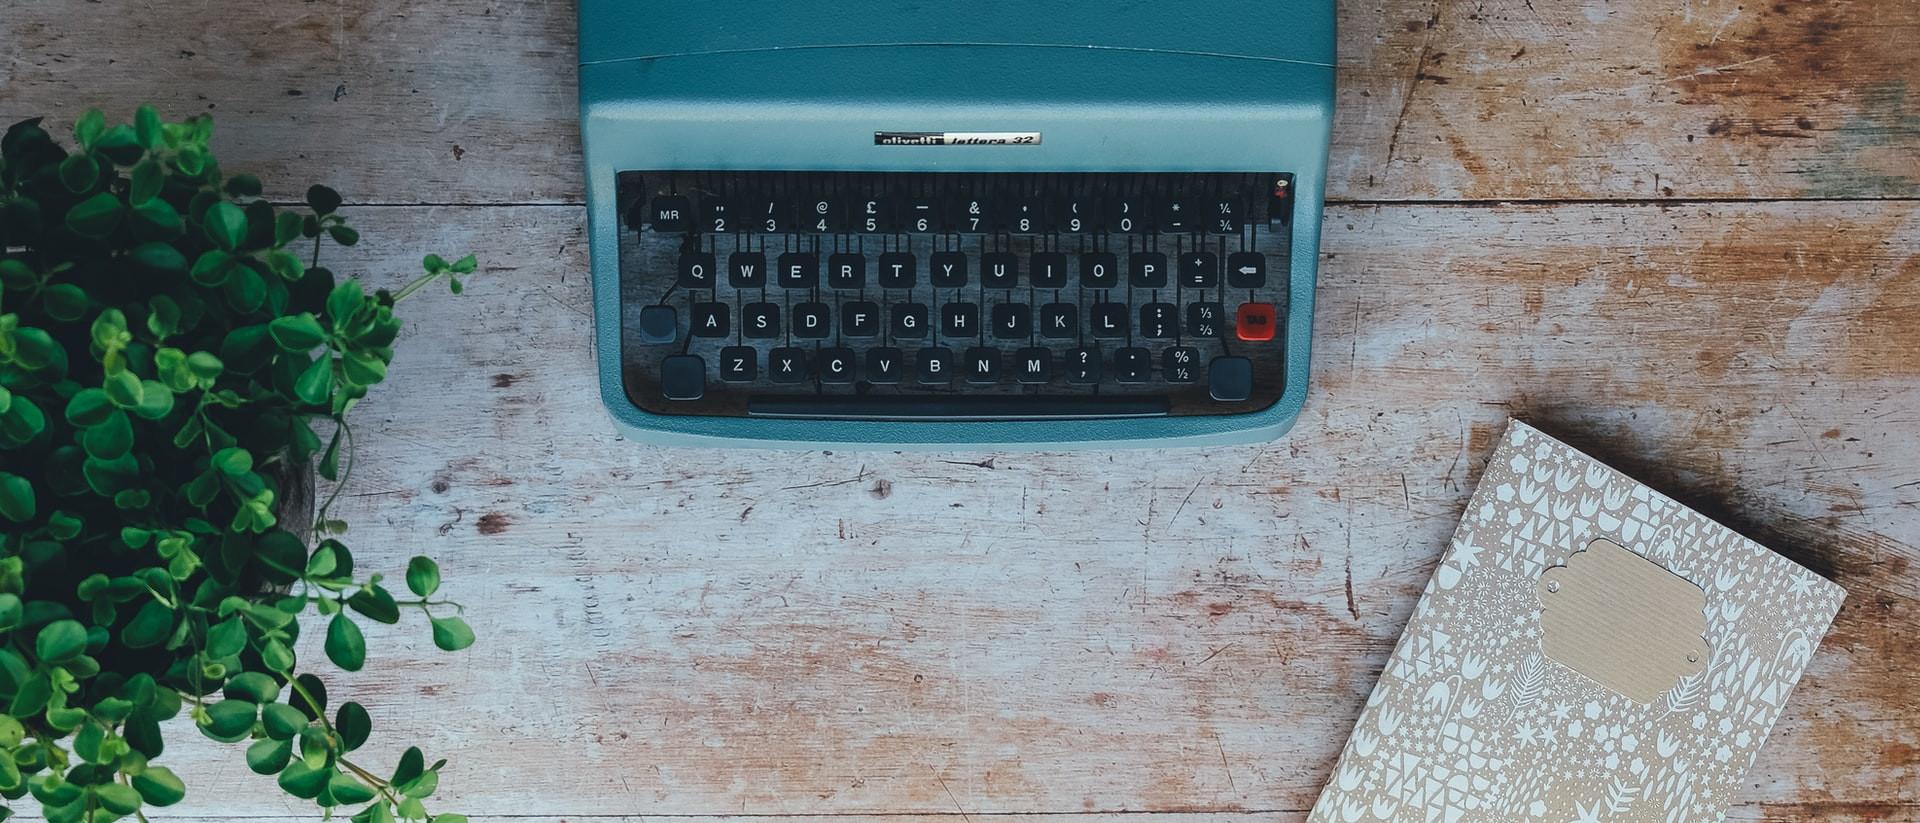 Schreibmaschine, Kaffee, Smartphone